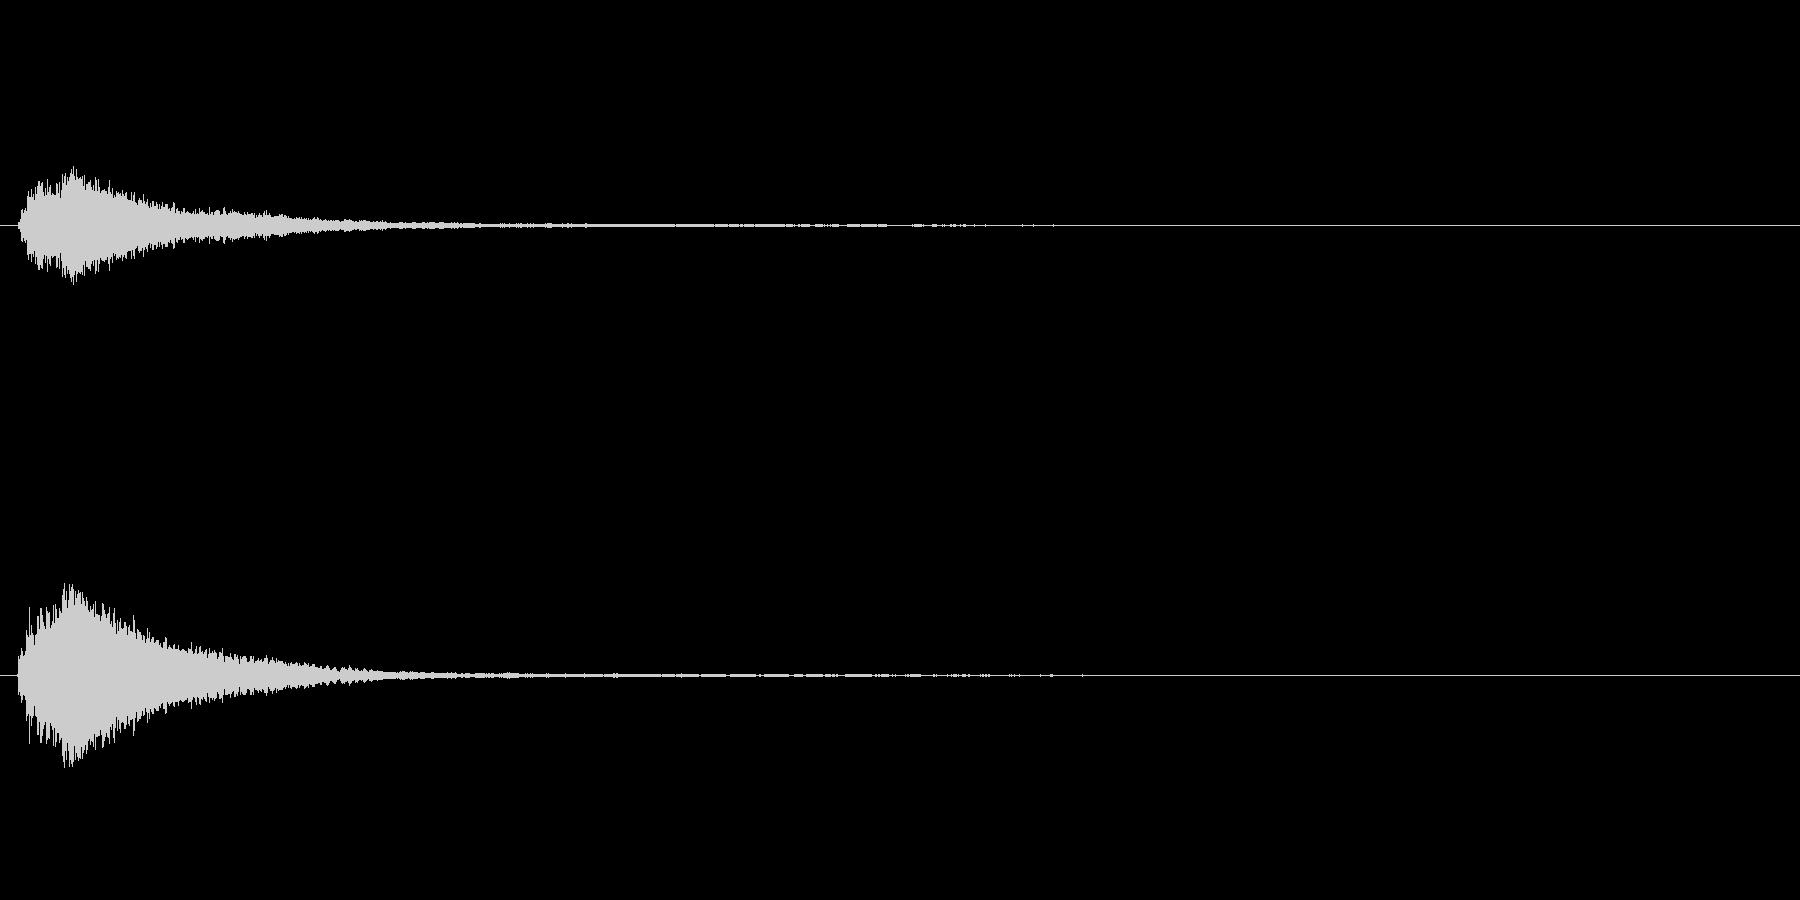 キラキラ系_095の未再生の波形